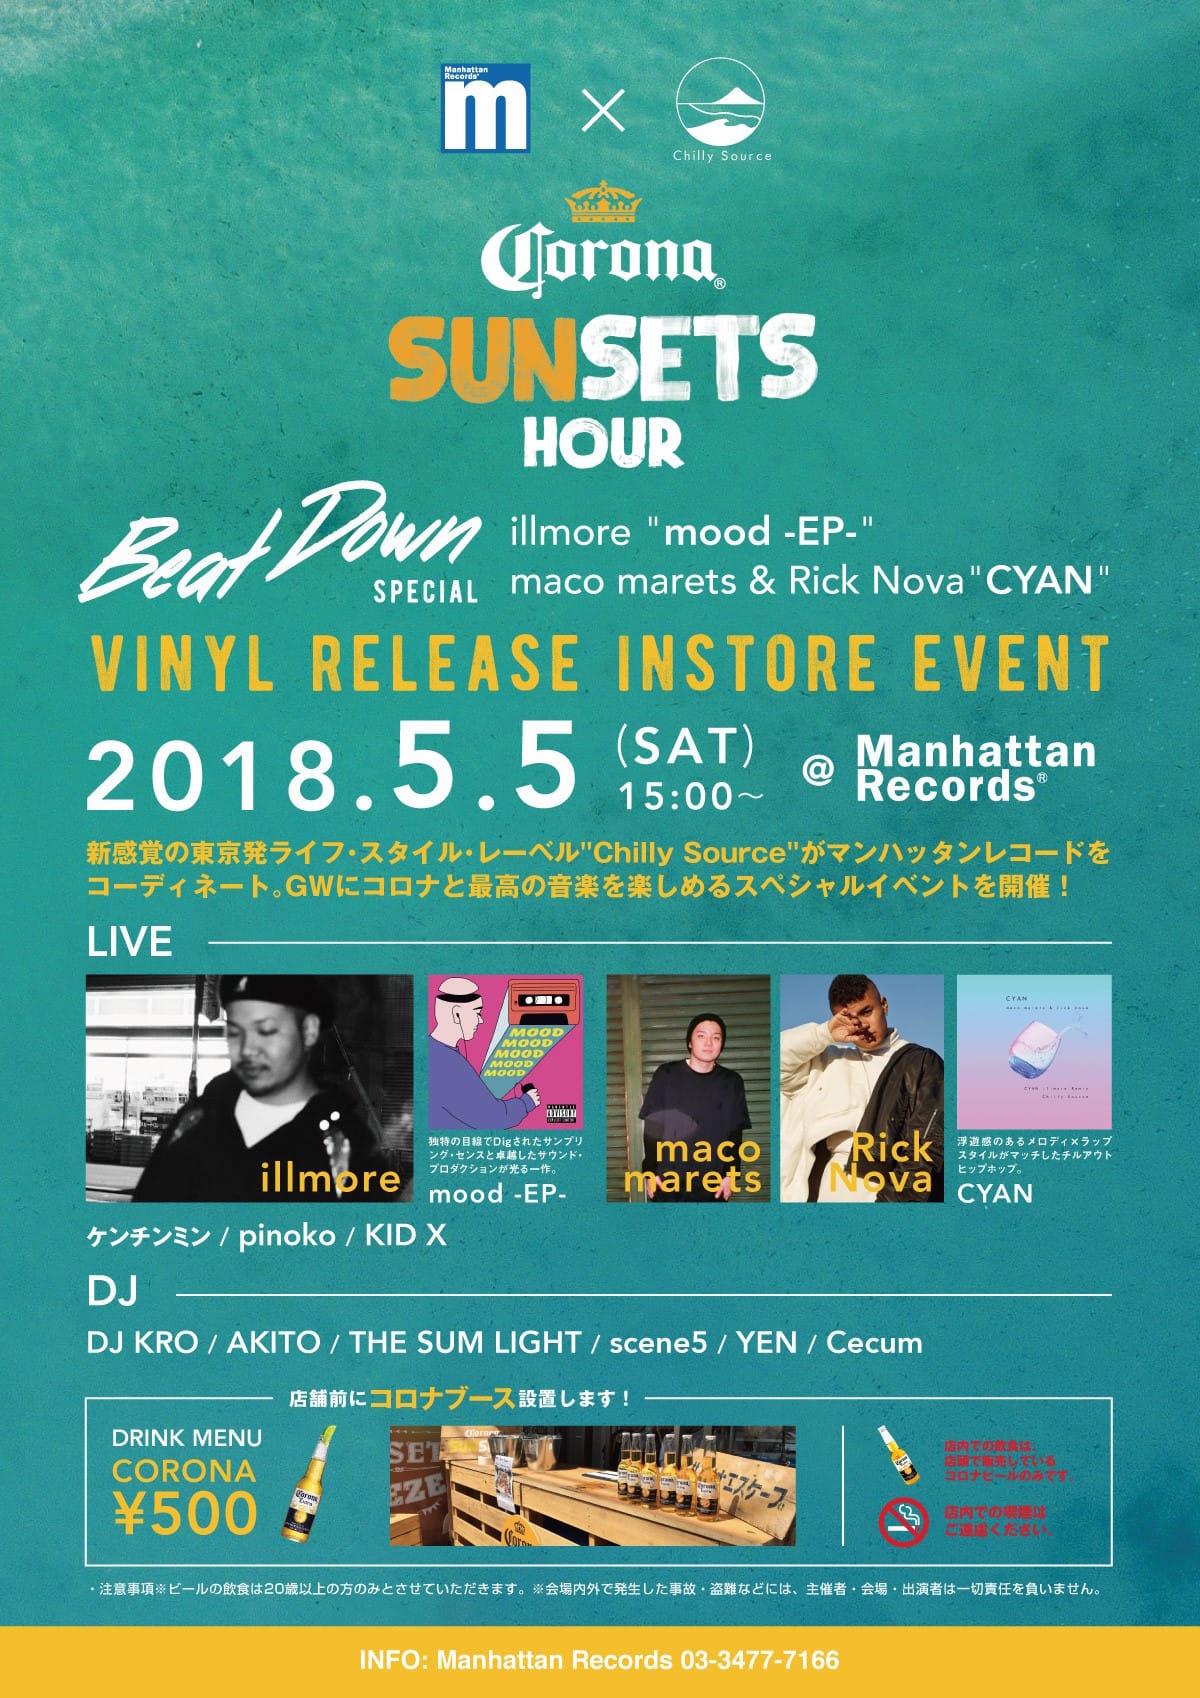 マンハッタンレコード渋谷店で<CORONA SUNSETS HOUR>開催!! music_180412_coronasunsetshour_main-1200x1698